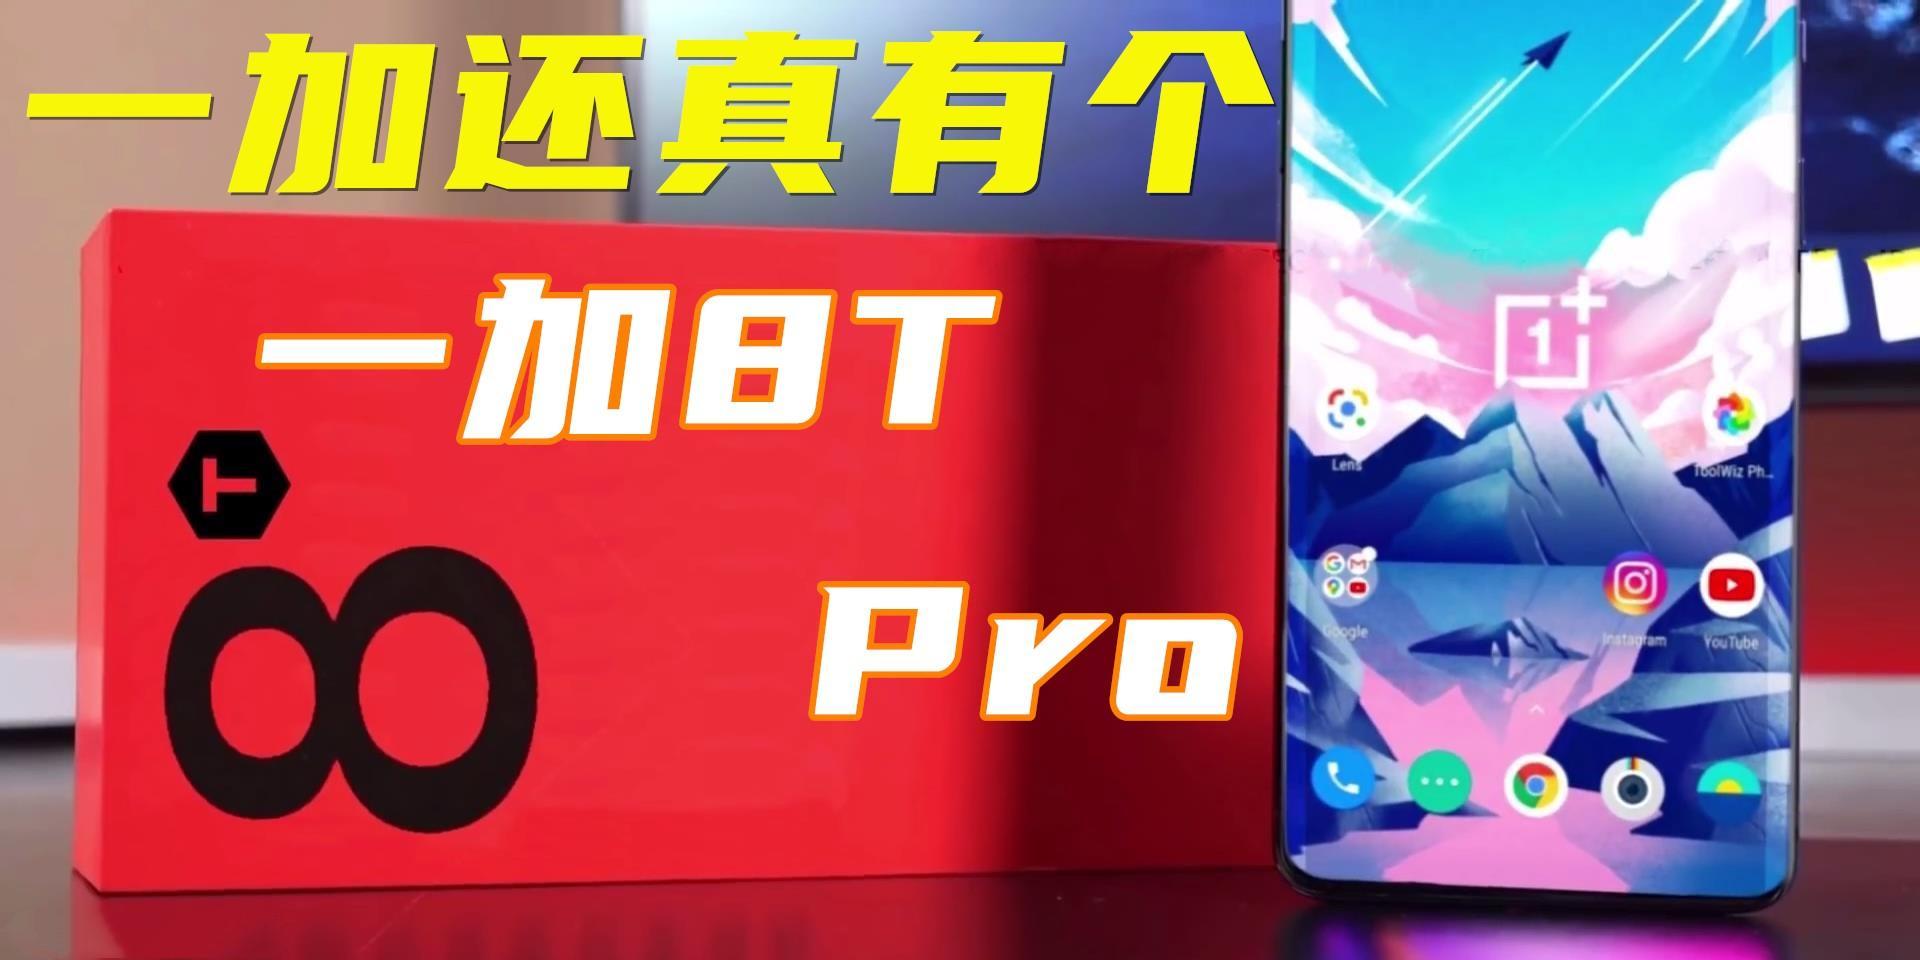 一加8TPro参数曝光:120hz高刷新+65W快充+骁龙865+